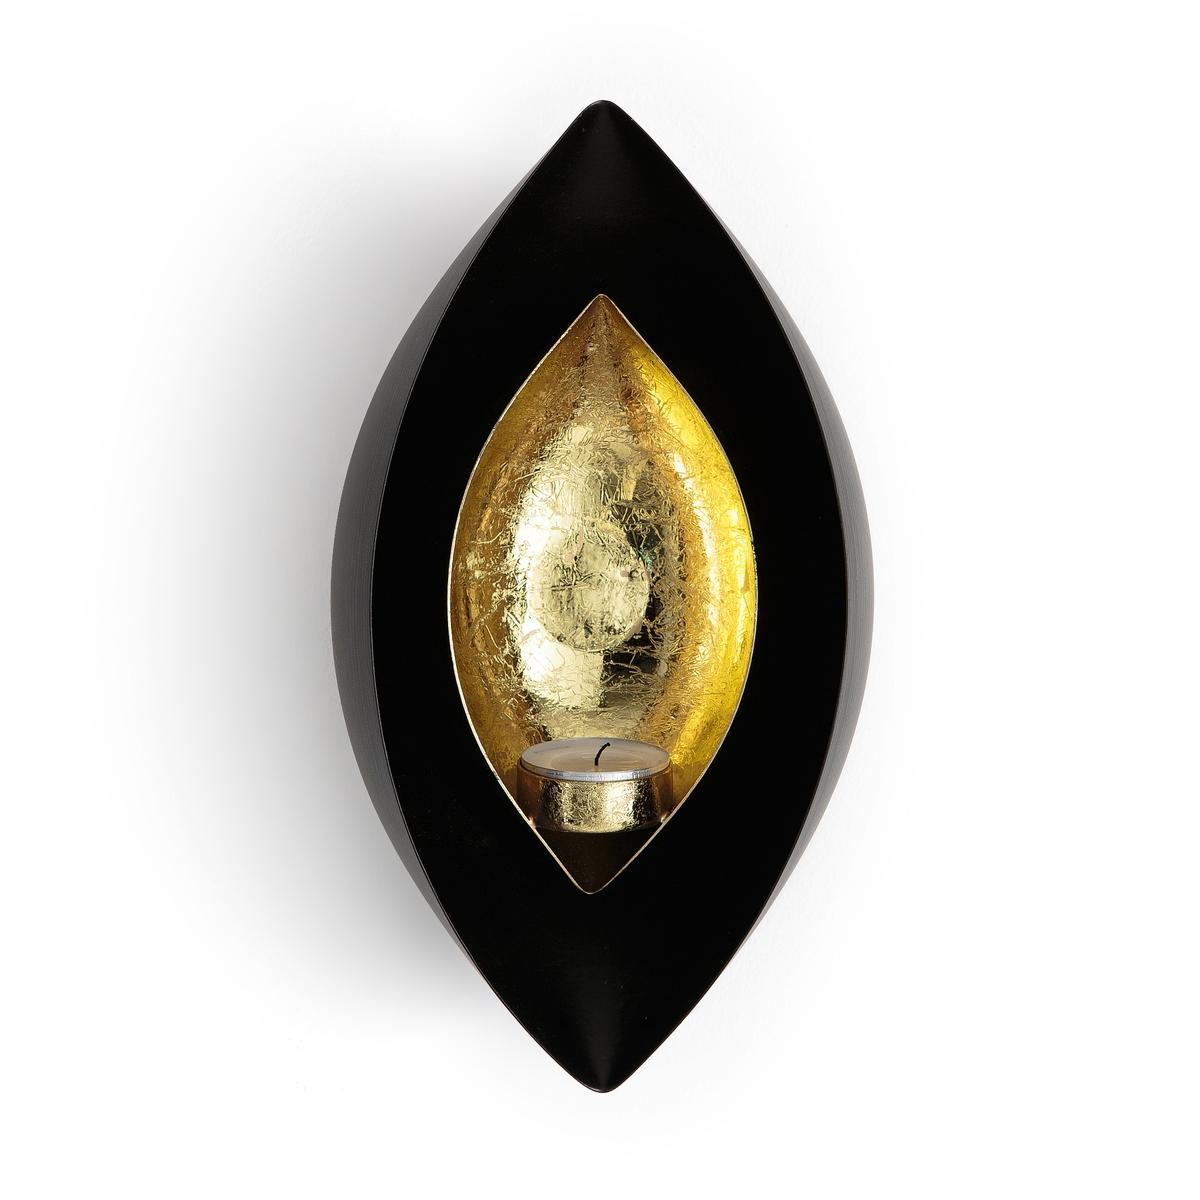 Светильник настенный с зеркалом и эффектом старения JahedaСветильник Jaheda. Осветите ваш интерьер, используя этот светильник из металла. Его рассеиватель в форме сердца обеспечивает теплый и уютный свет.     Характеристики: - Металл с эпоксидной отделкой. - Для греющей свечи (продается отдельно). - Задняя пластина для крепления на стену (винт и дюбель продаются отдельно). Размеры: - Ш14 x В25 x Г9,5 см.<br><br>Цвет: черный/золотистый